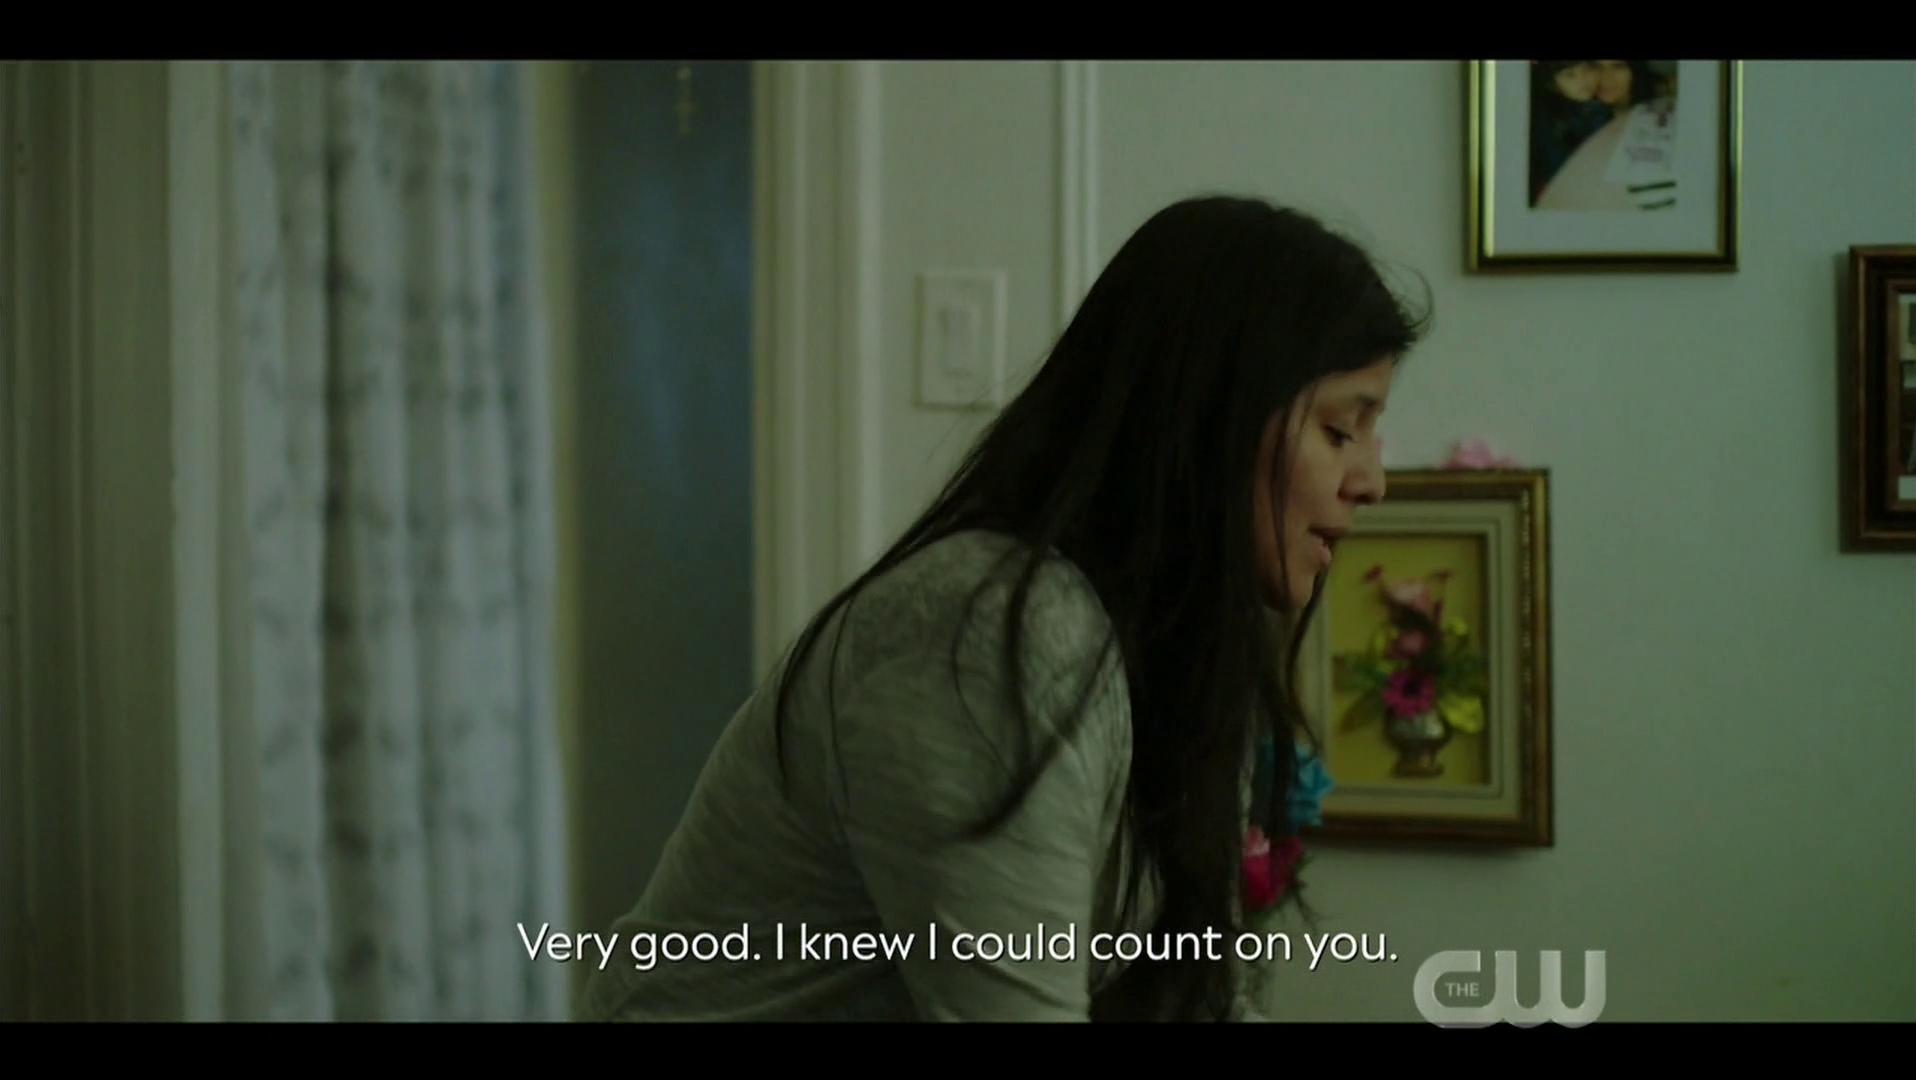 Two Sentence Horror Stories S01E04 1080p HDTV x264-LucidTV